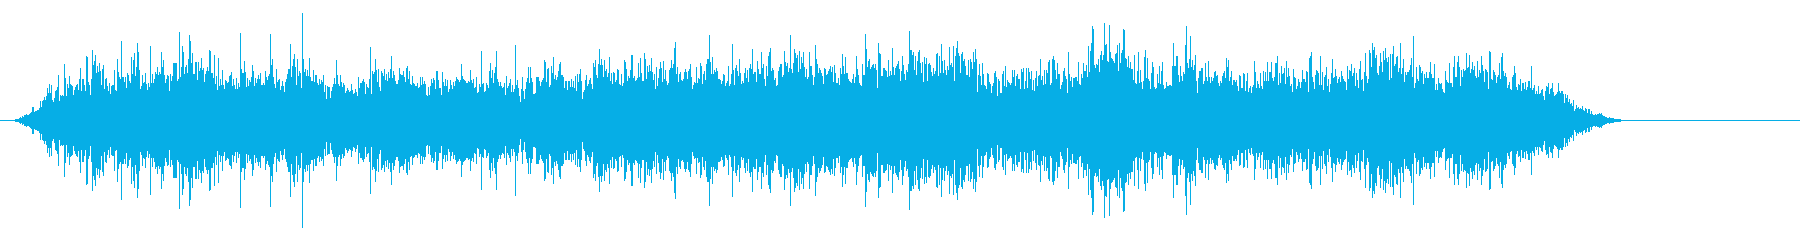 雑音博物館の環境の再生済みの波形